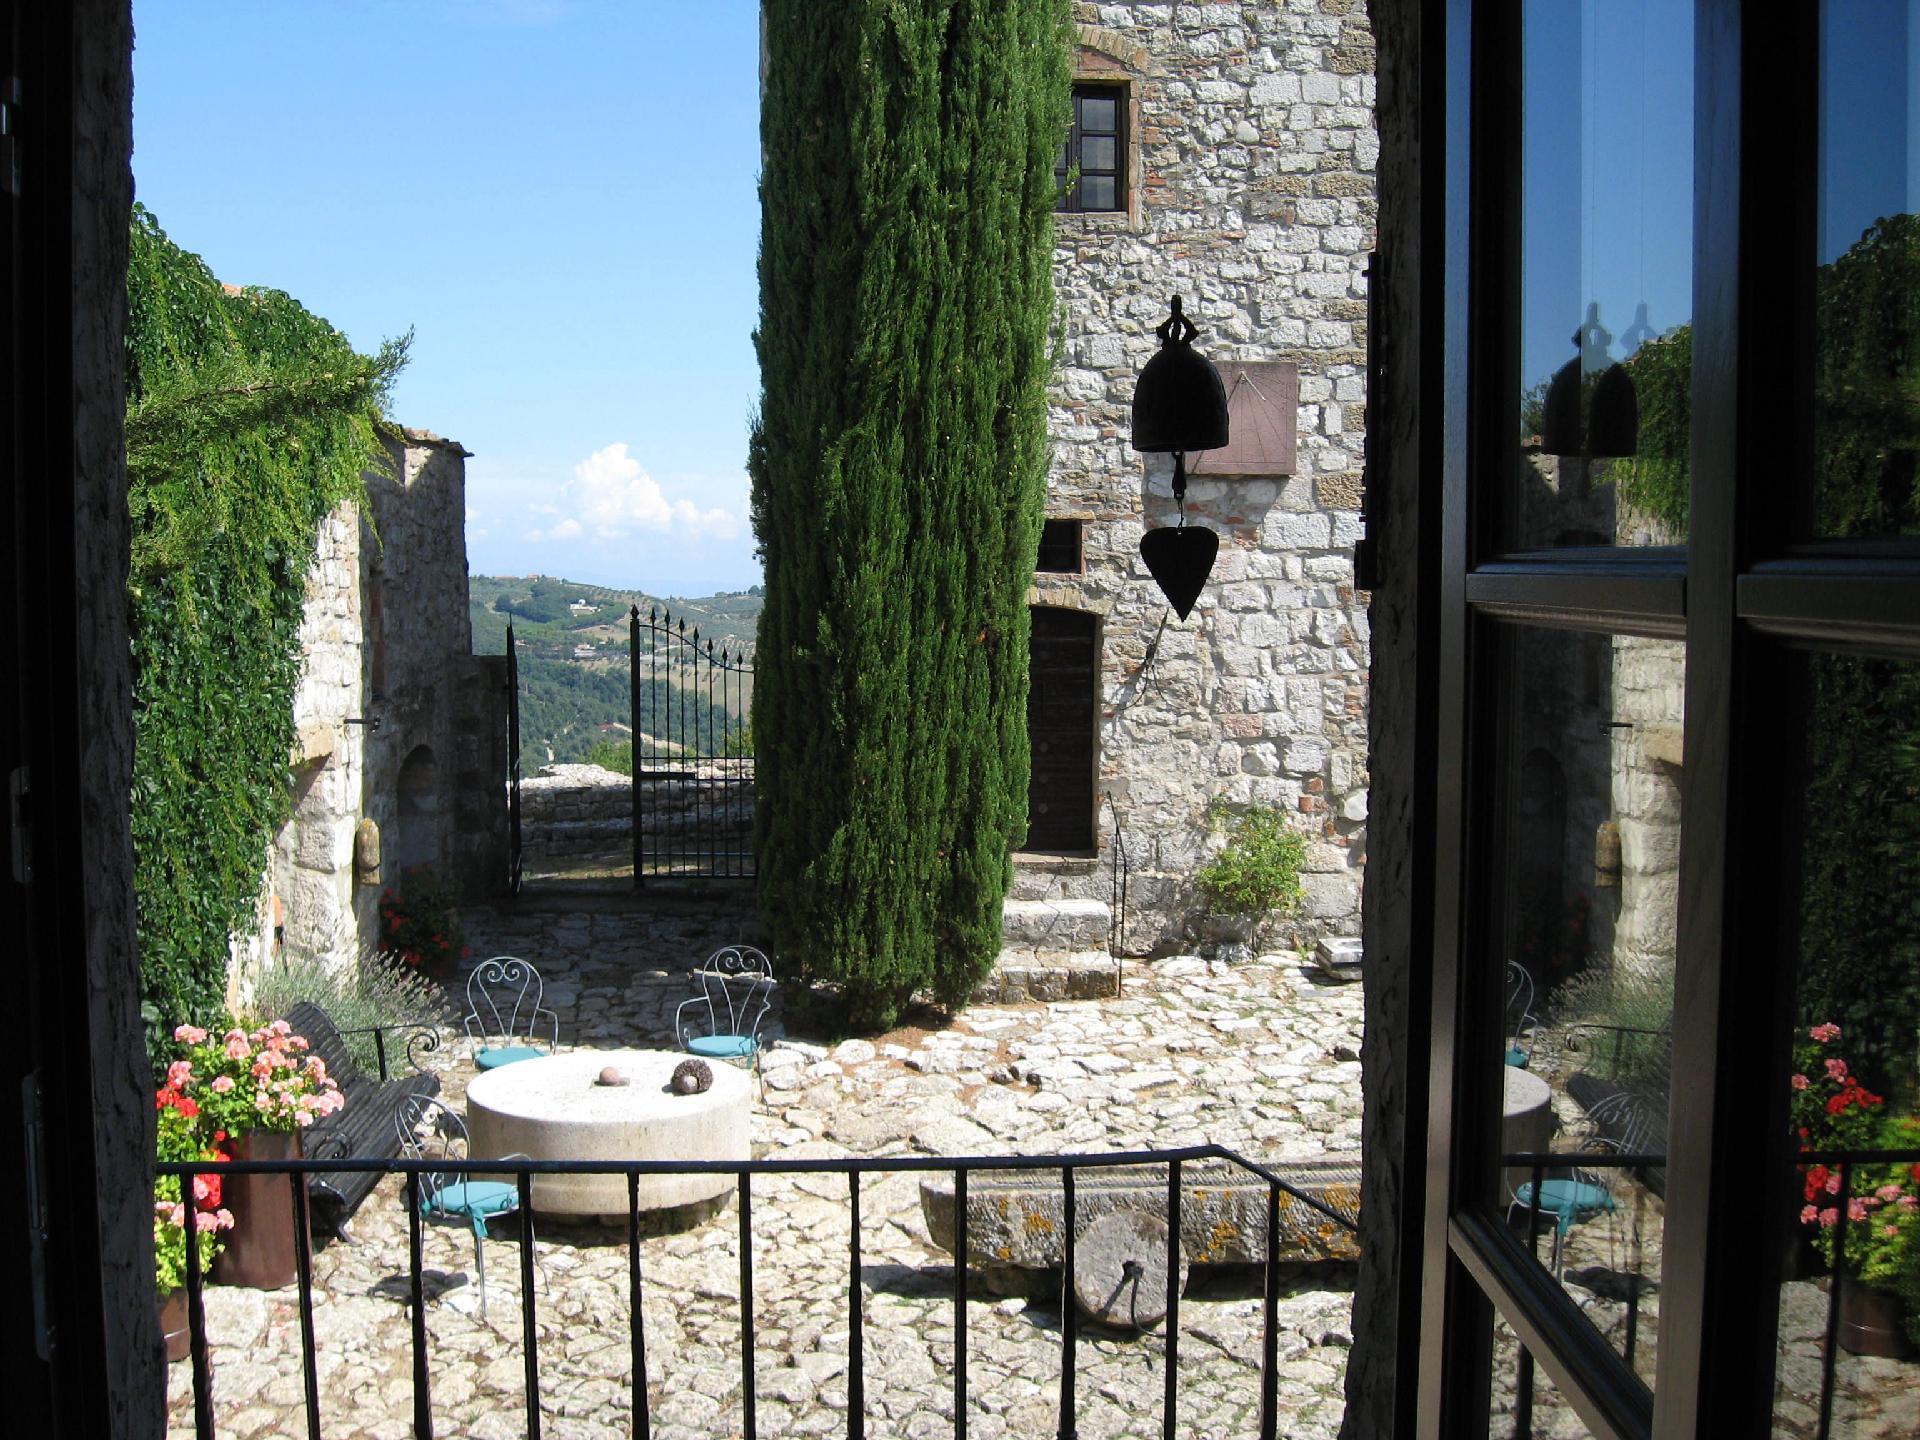 Ferienhaus für 3 Personen ca. 60 m² in G Besondere Immobilie in Italien